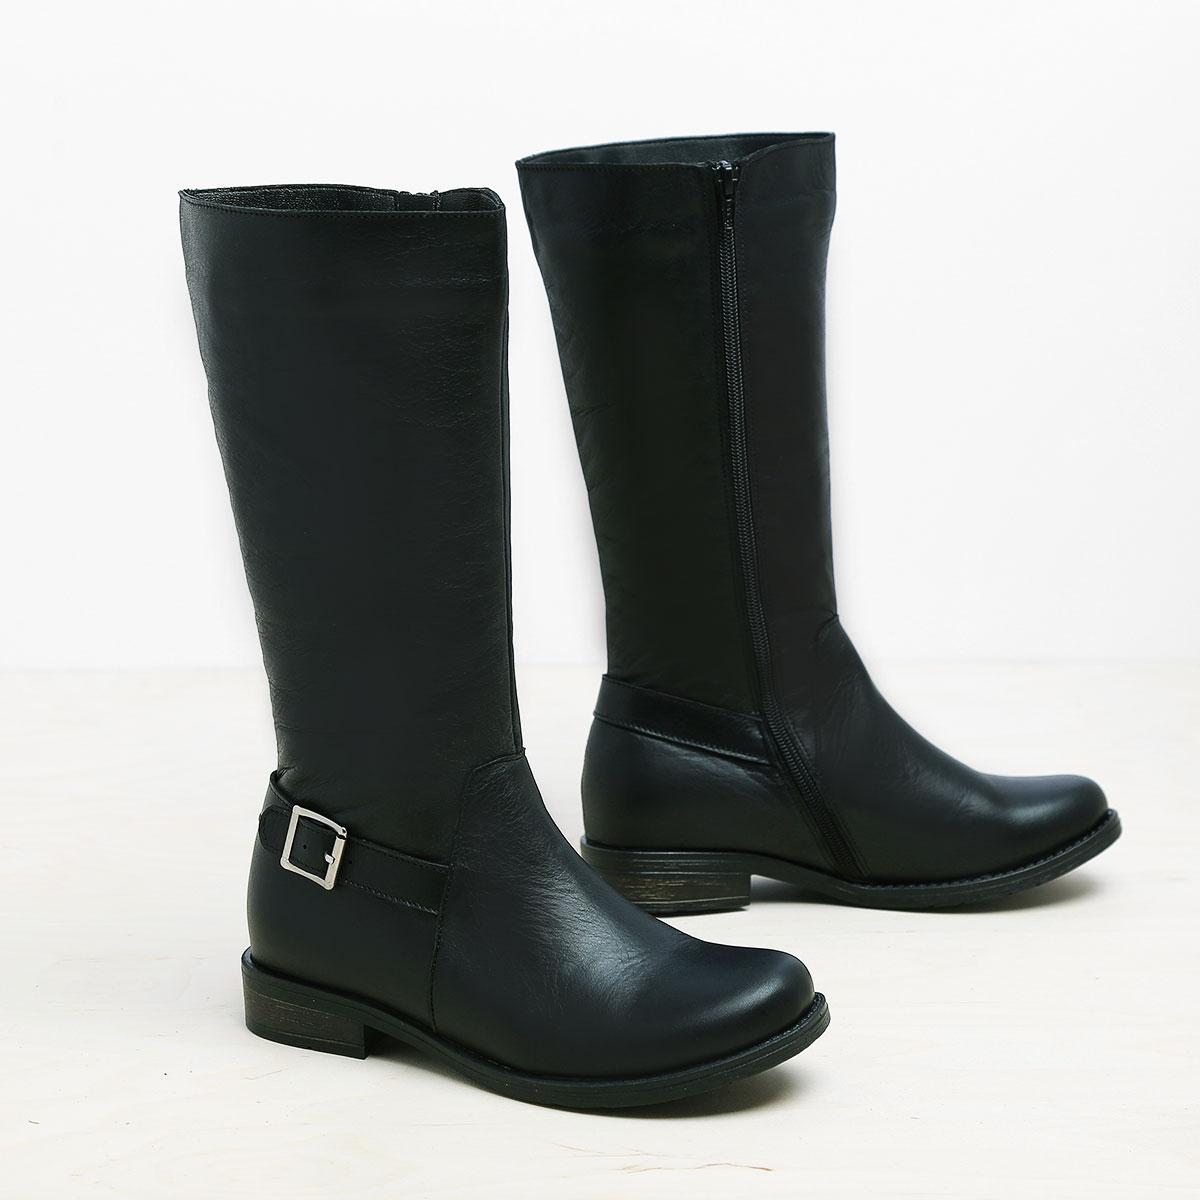 דגם אוסטין: מגפיים מעור לנשים בצבע שחור